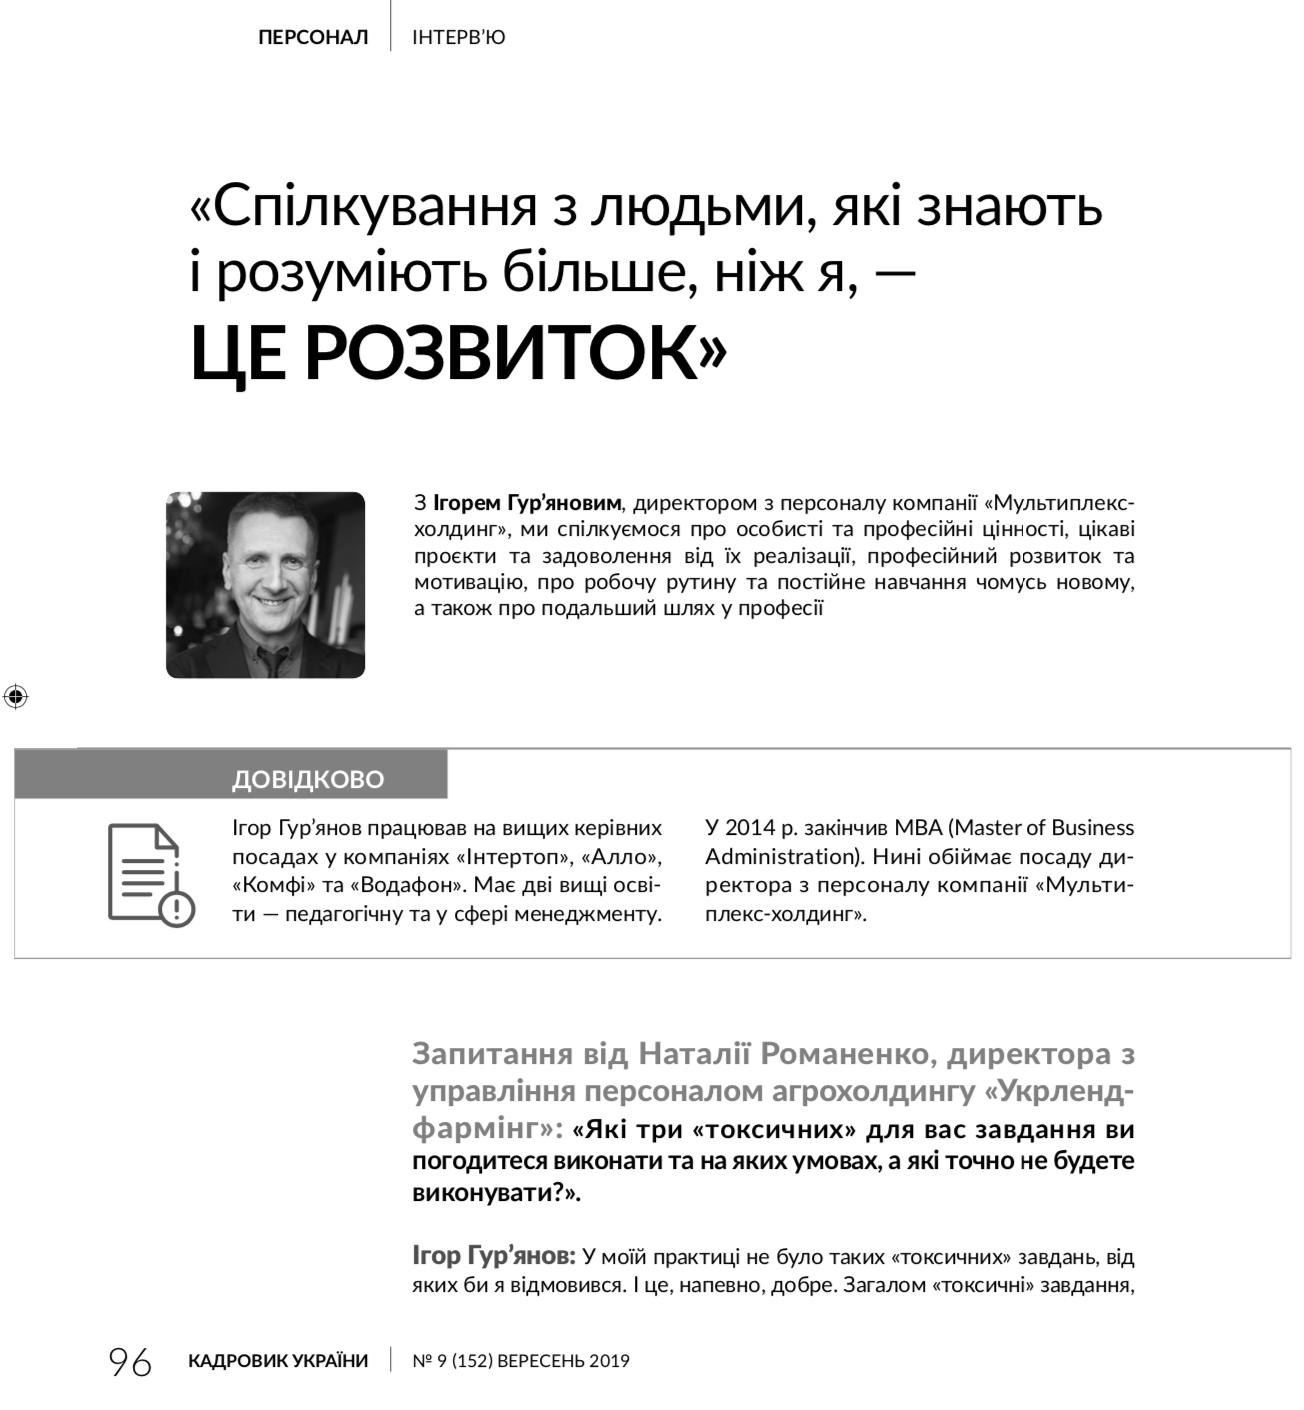 Интервью с Игорем Гурьянов, Кадровик Украины